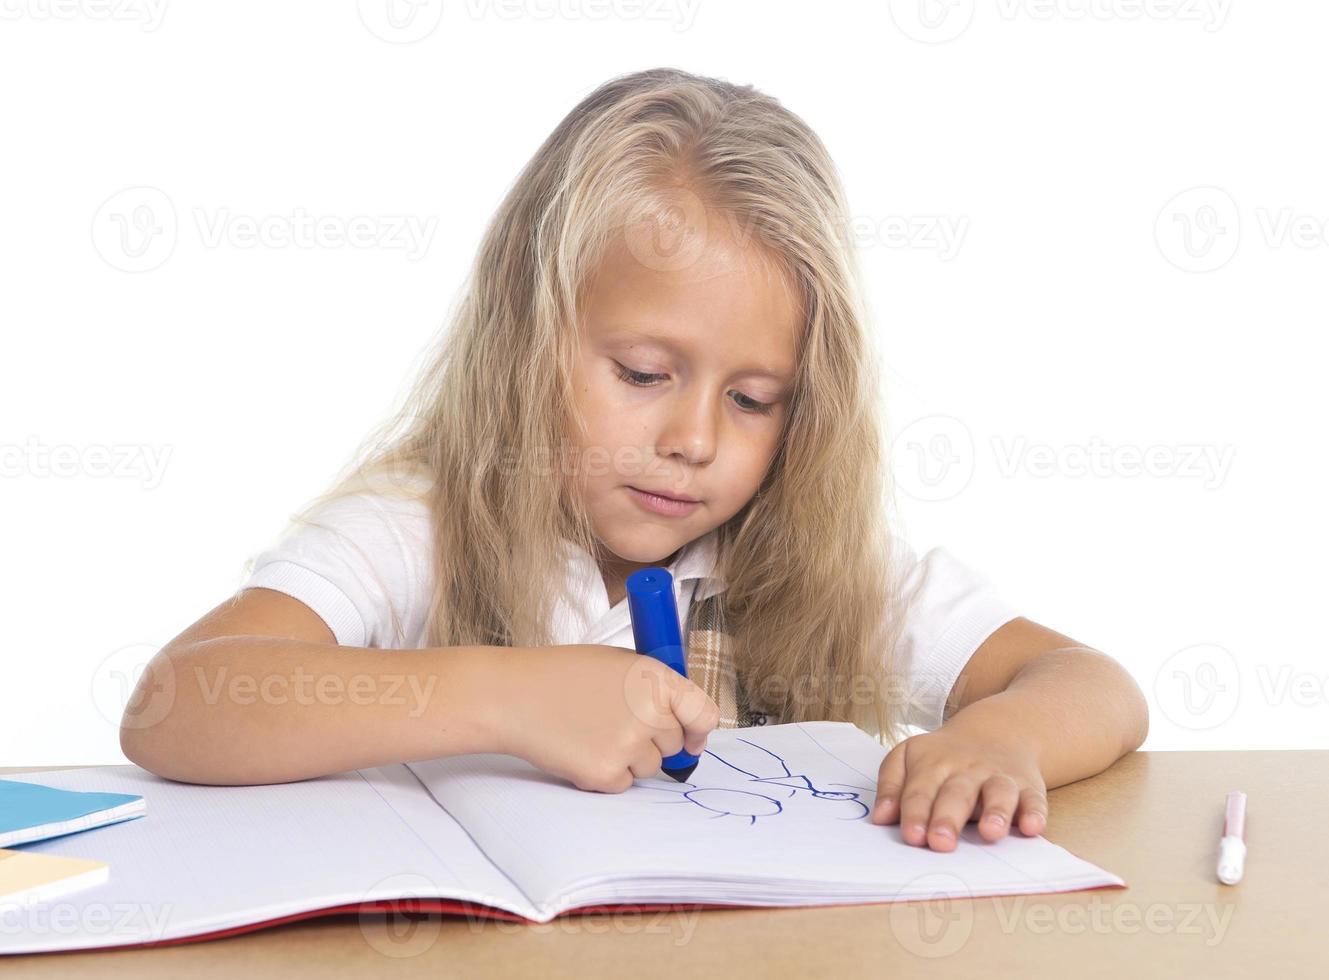 schattige schoogirl gelukkig op bureau puttend uit Kladblok met marker foto